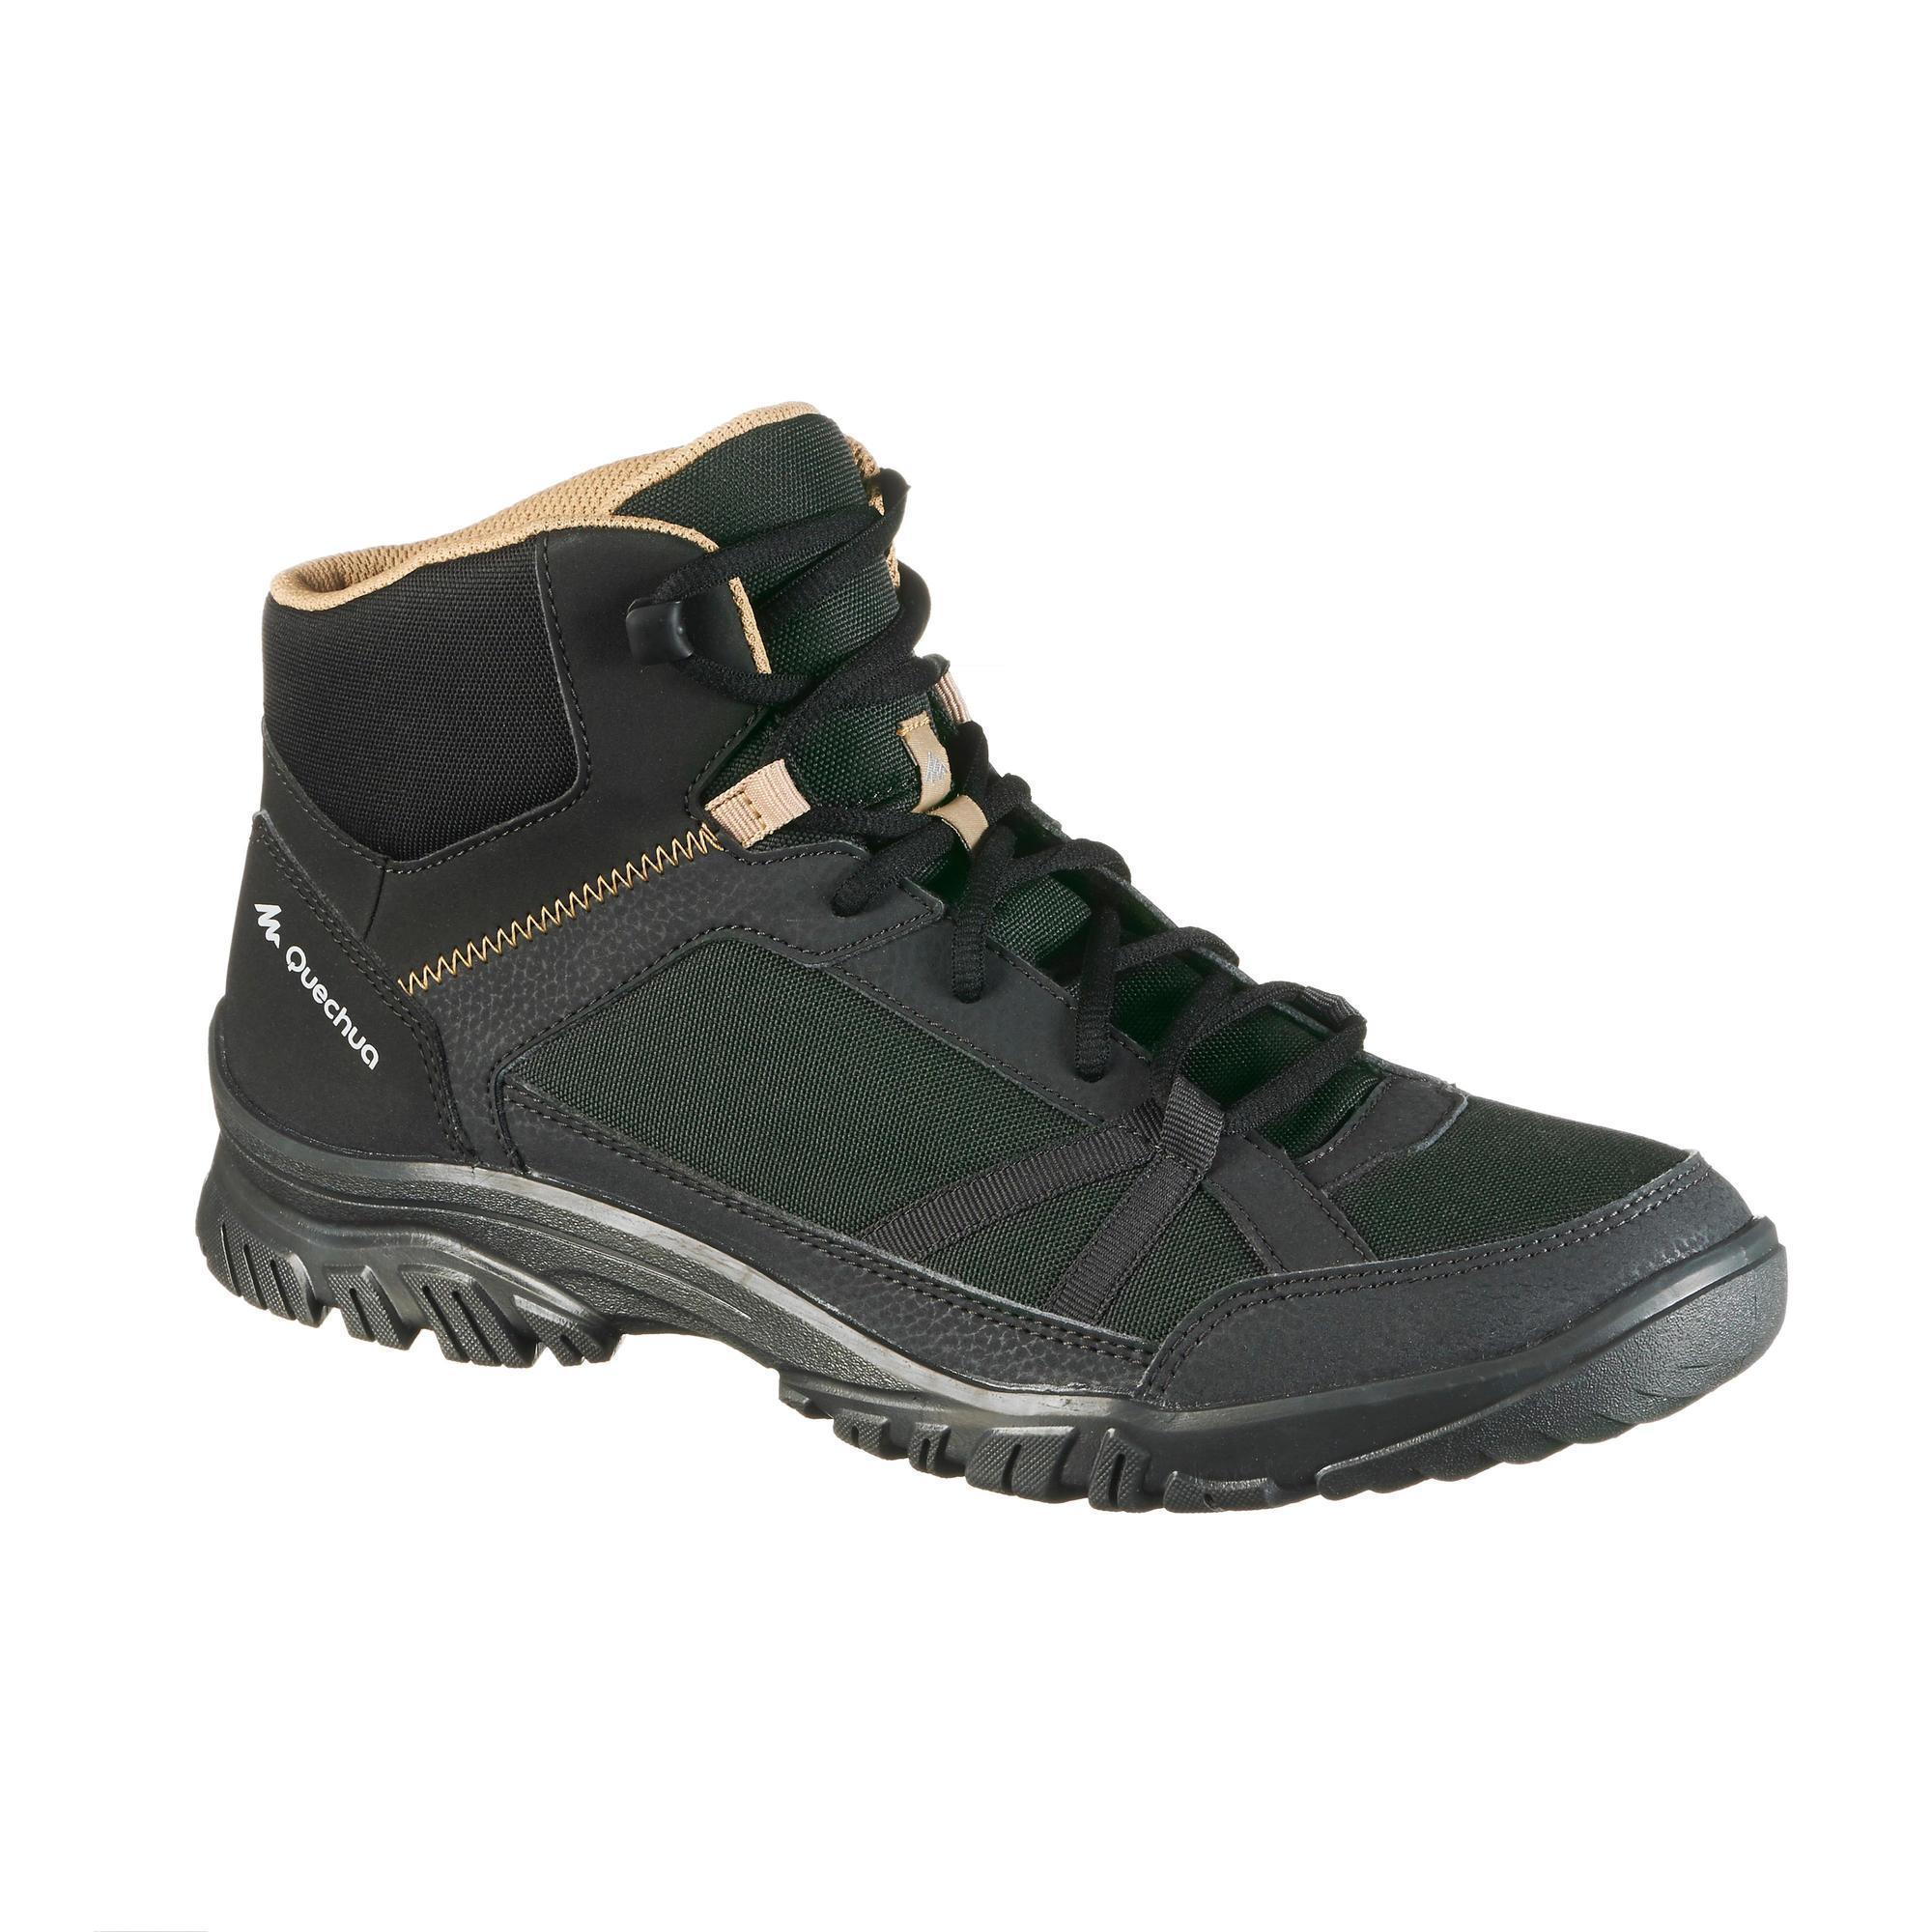 Quechua Schoenen voor wandelen in de natuur NH500 mid zwart heren